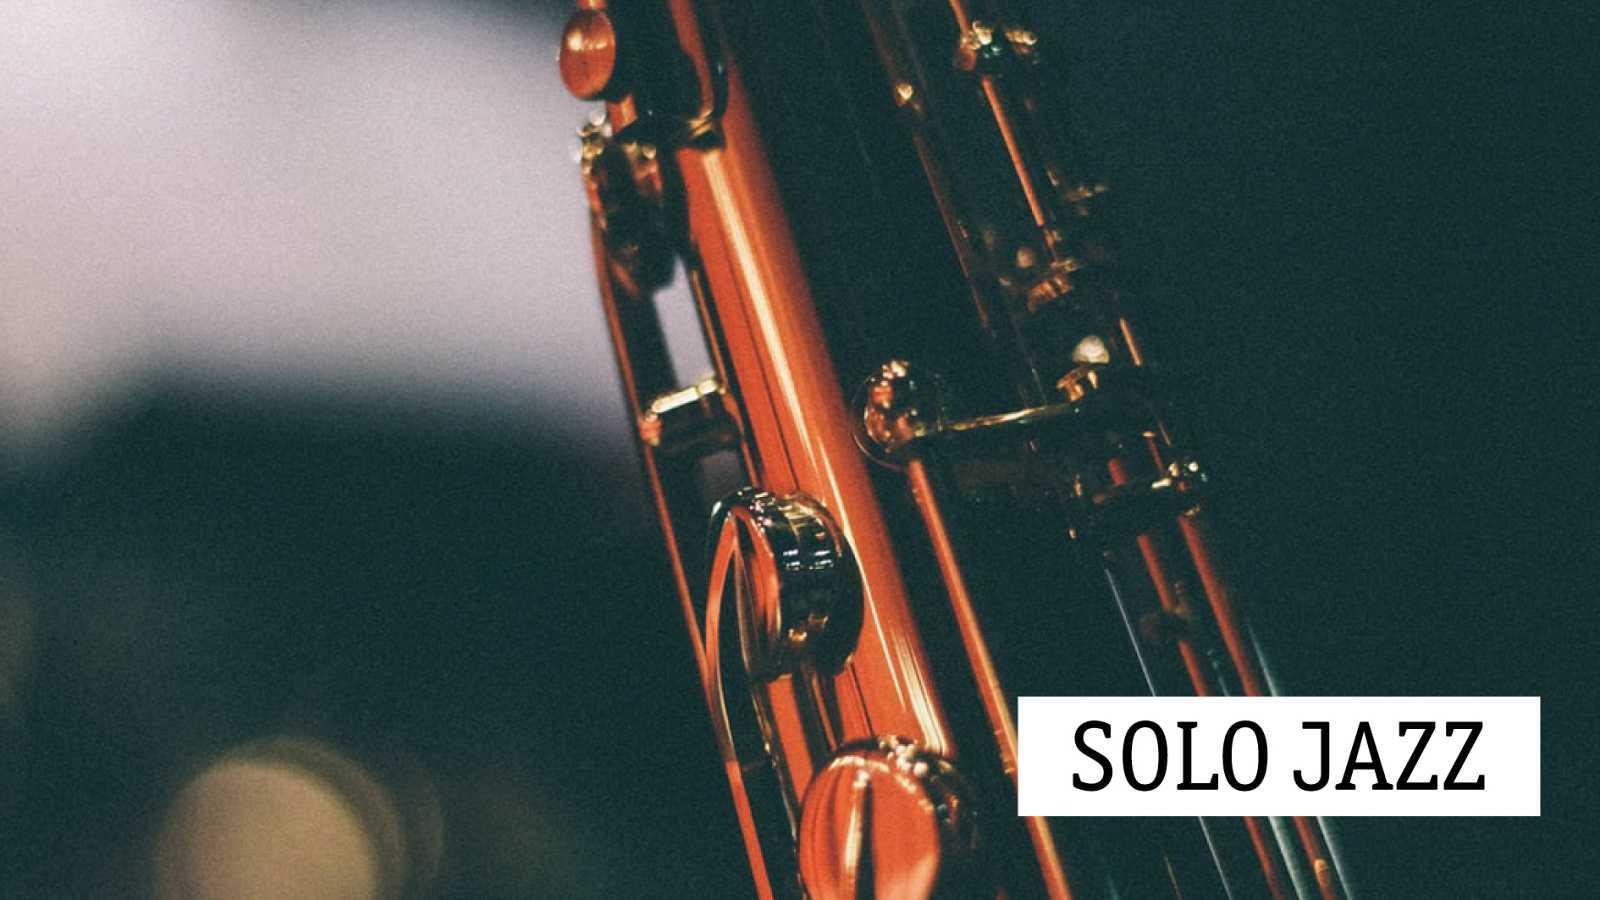 Solo jazz - ¿Qué sería de nosotros sin la cadencia del jazz? - 02/10/20 - escuchar ahora